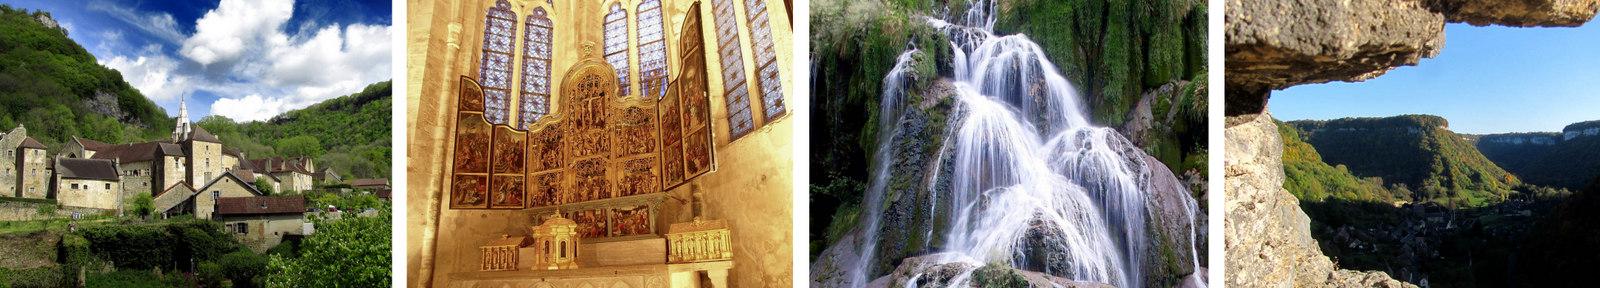 Visite de l'abbaye, des grottes, les cascades, de la reculée